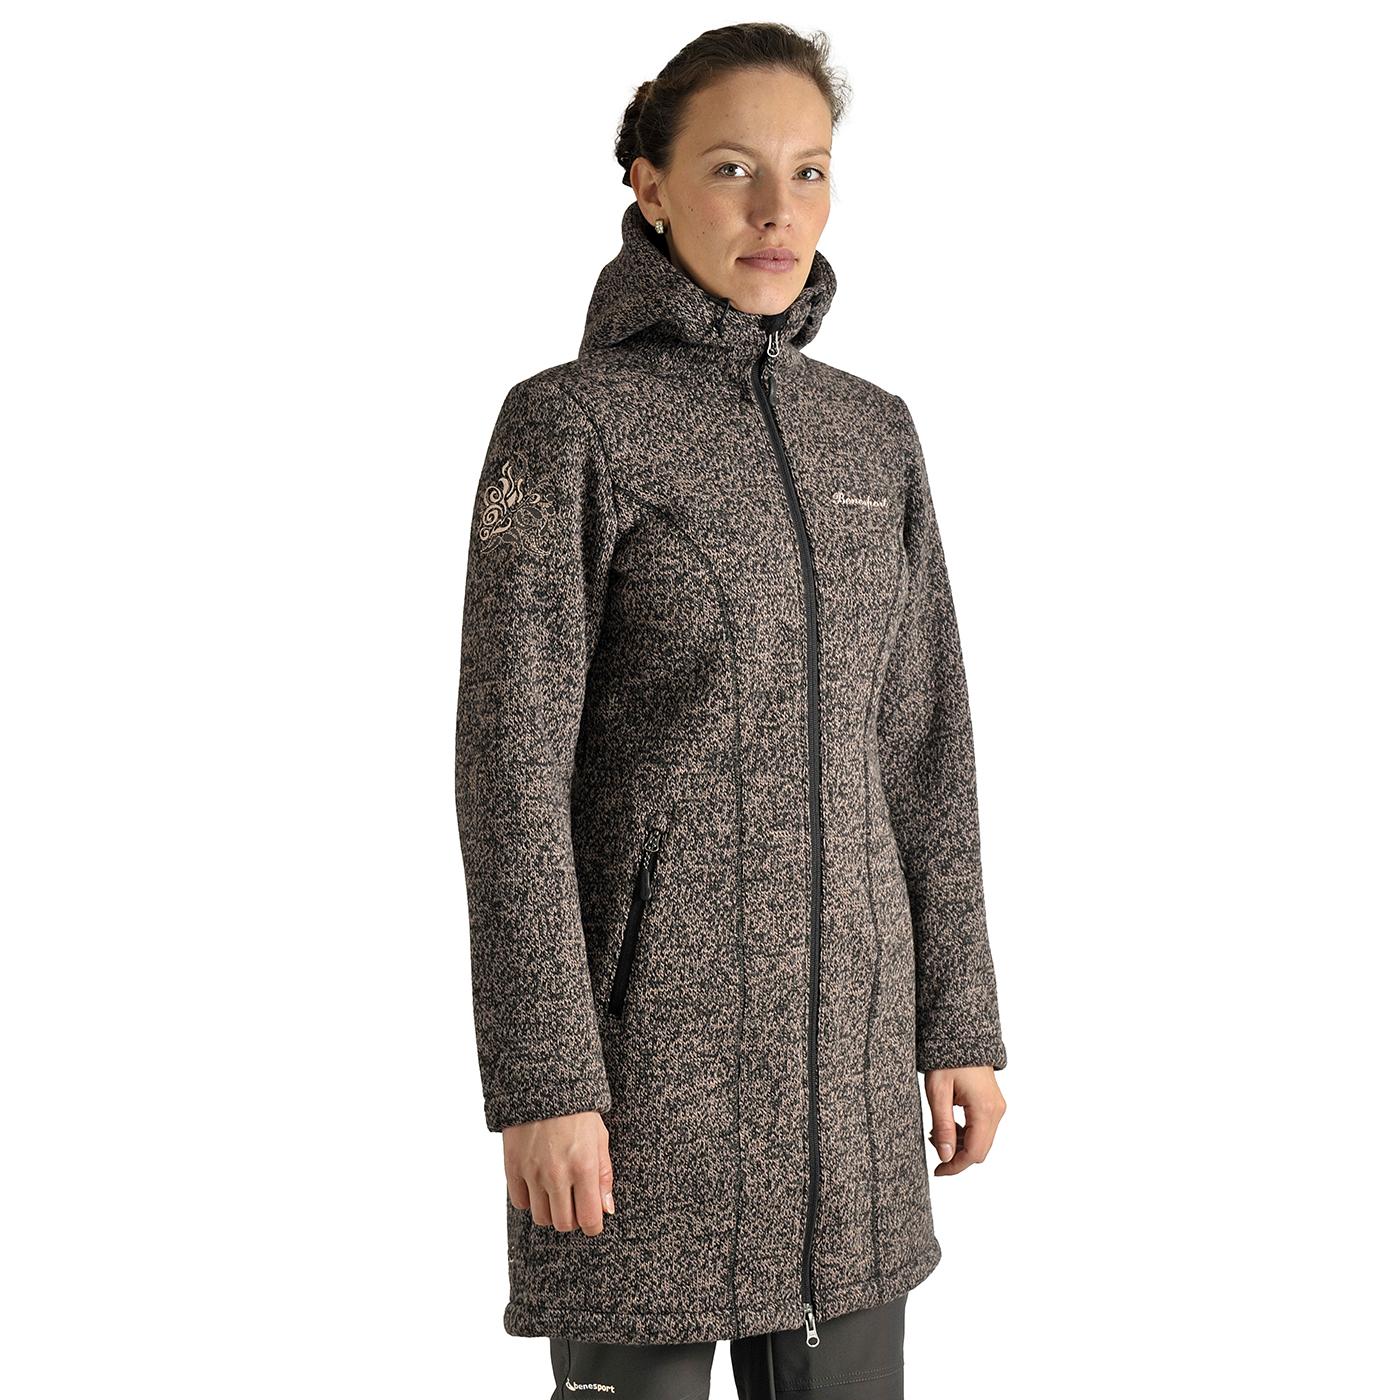 Benesport dámska bunda Pipitka - ružovo-čierna, veľkosť XS